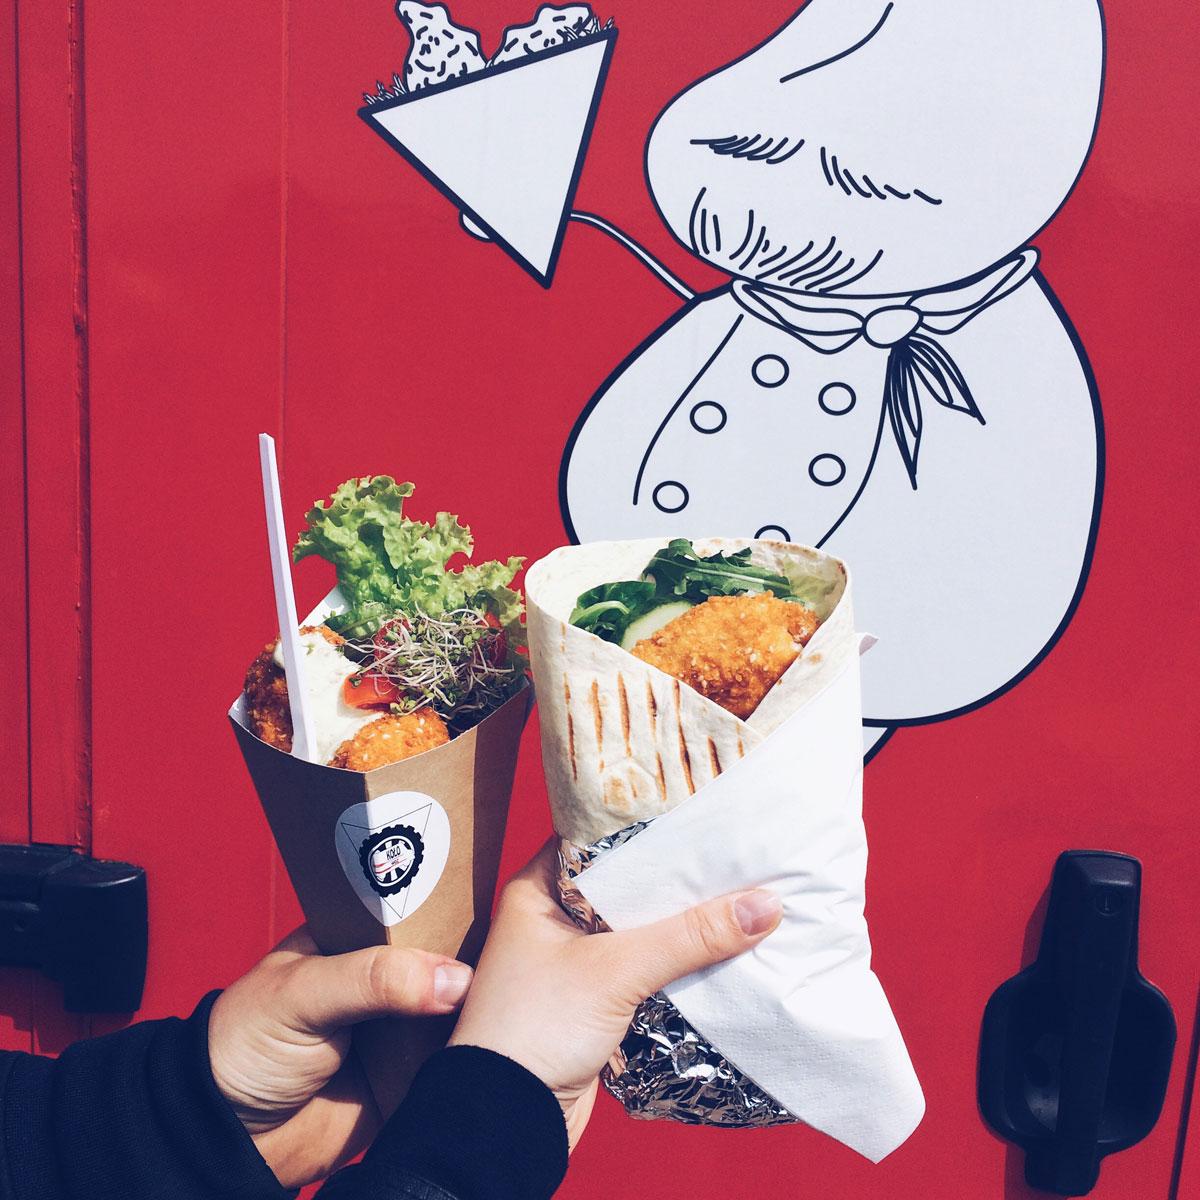 Kołowóz i ich dwa dania - ser kulla oraz kurczaktilla.